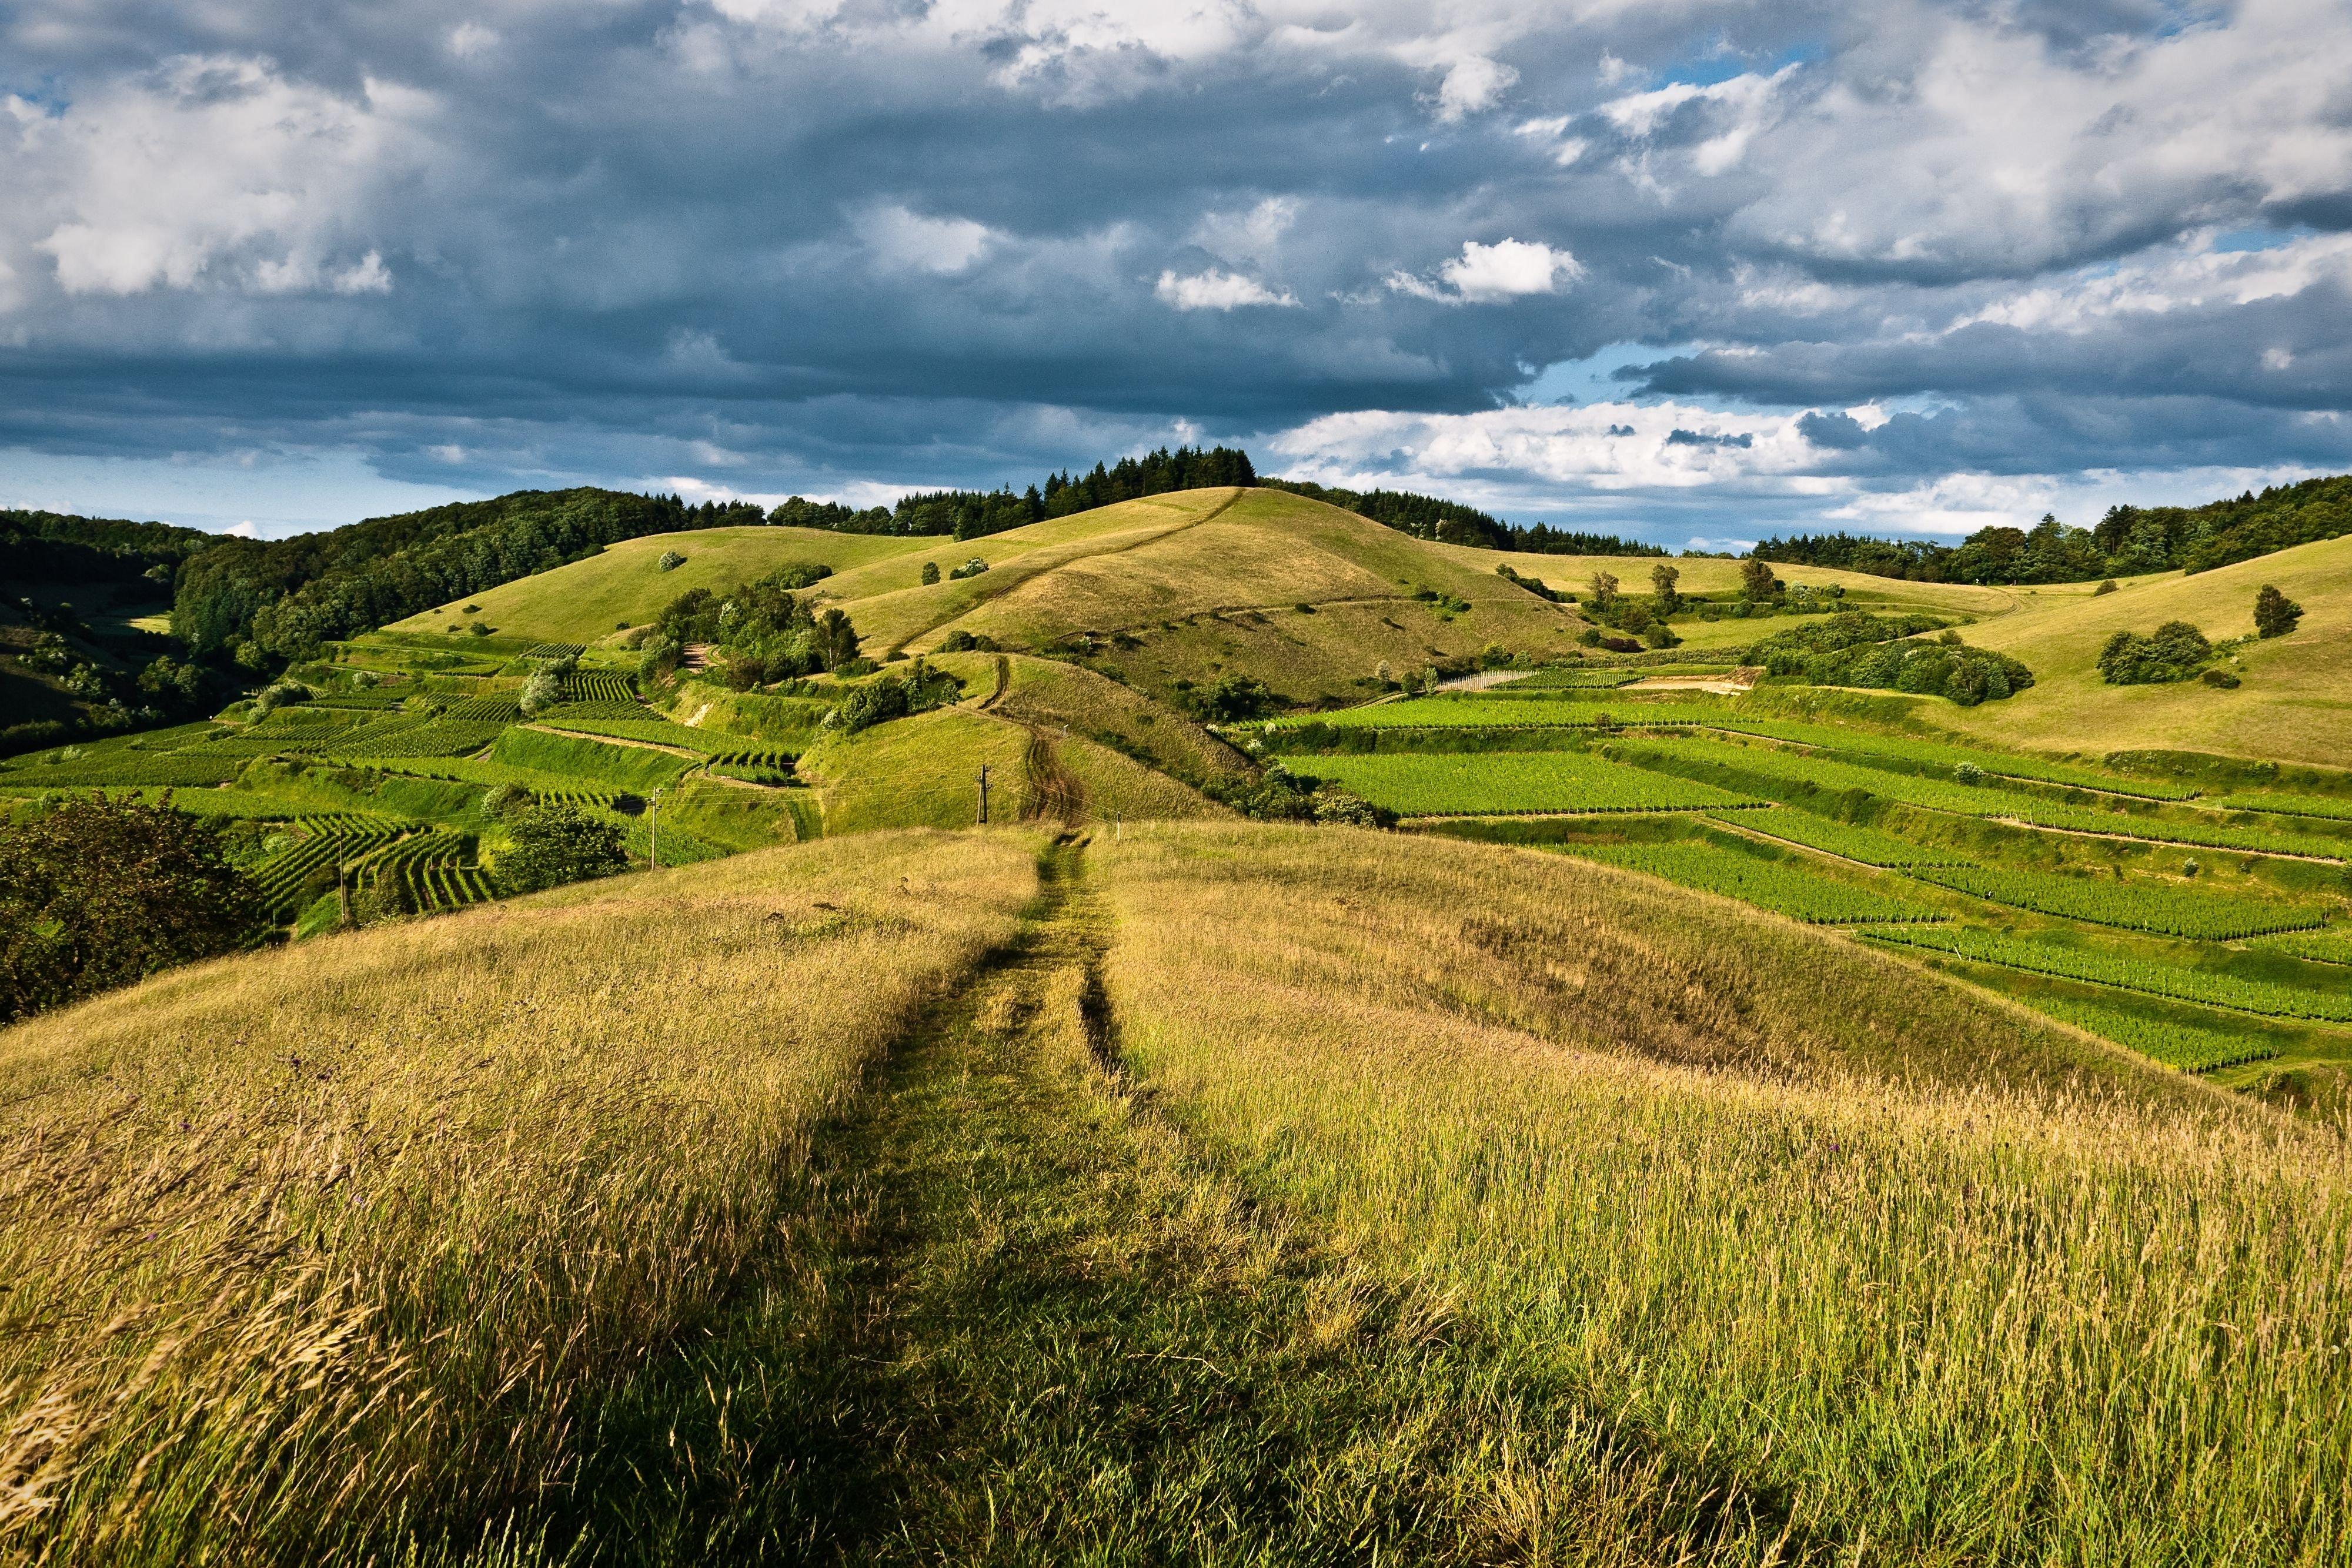 hills forest road landscape wallpaper